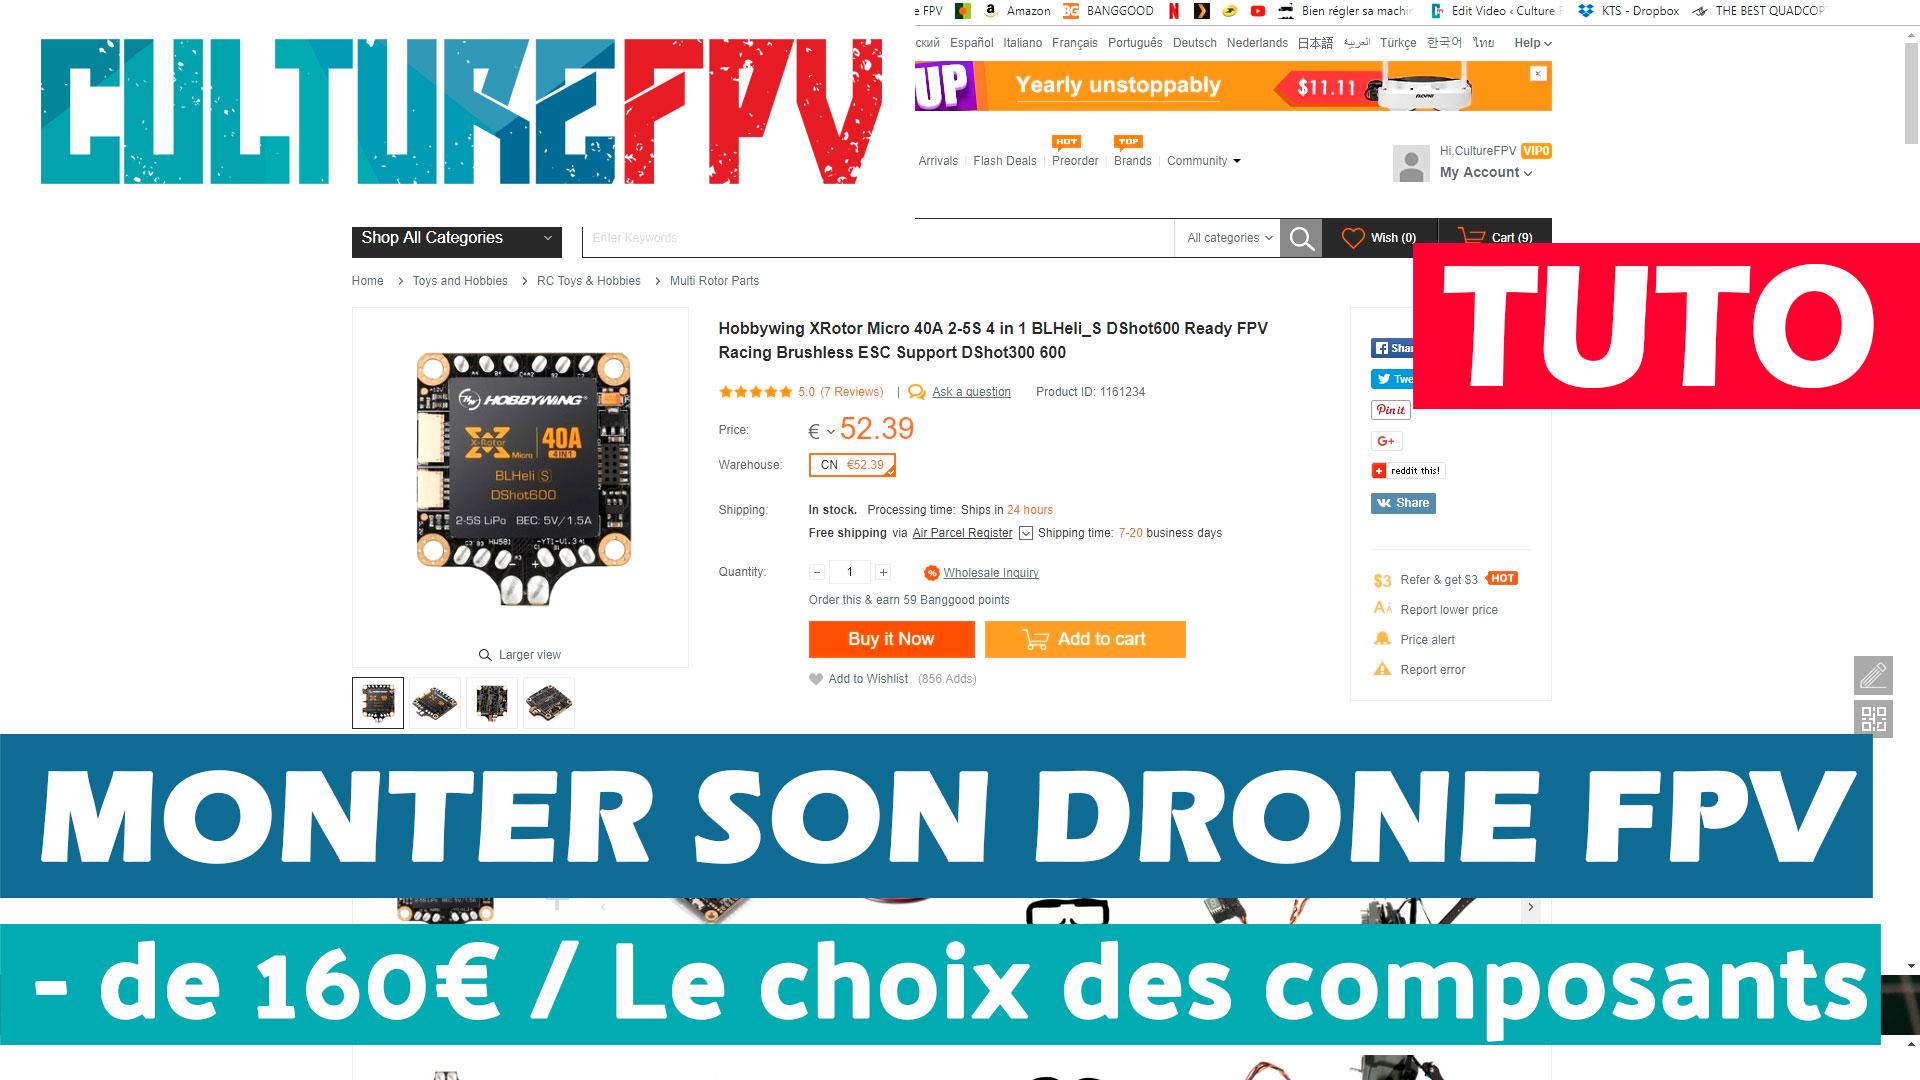 Monter son drone racer FPV